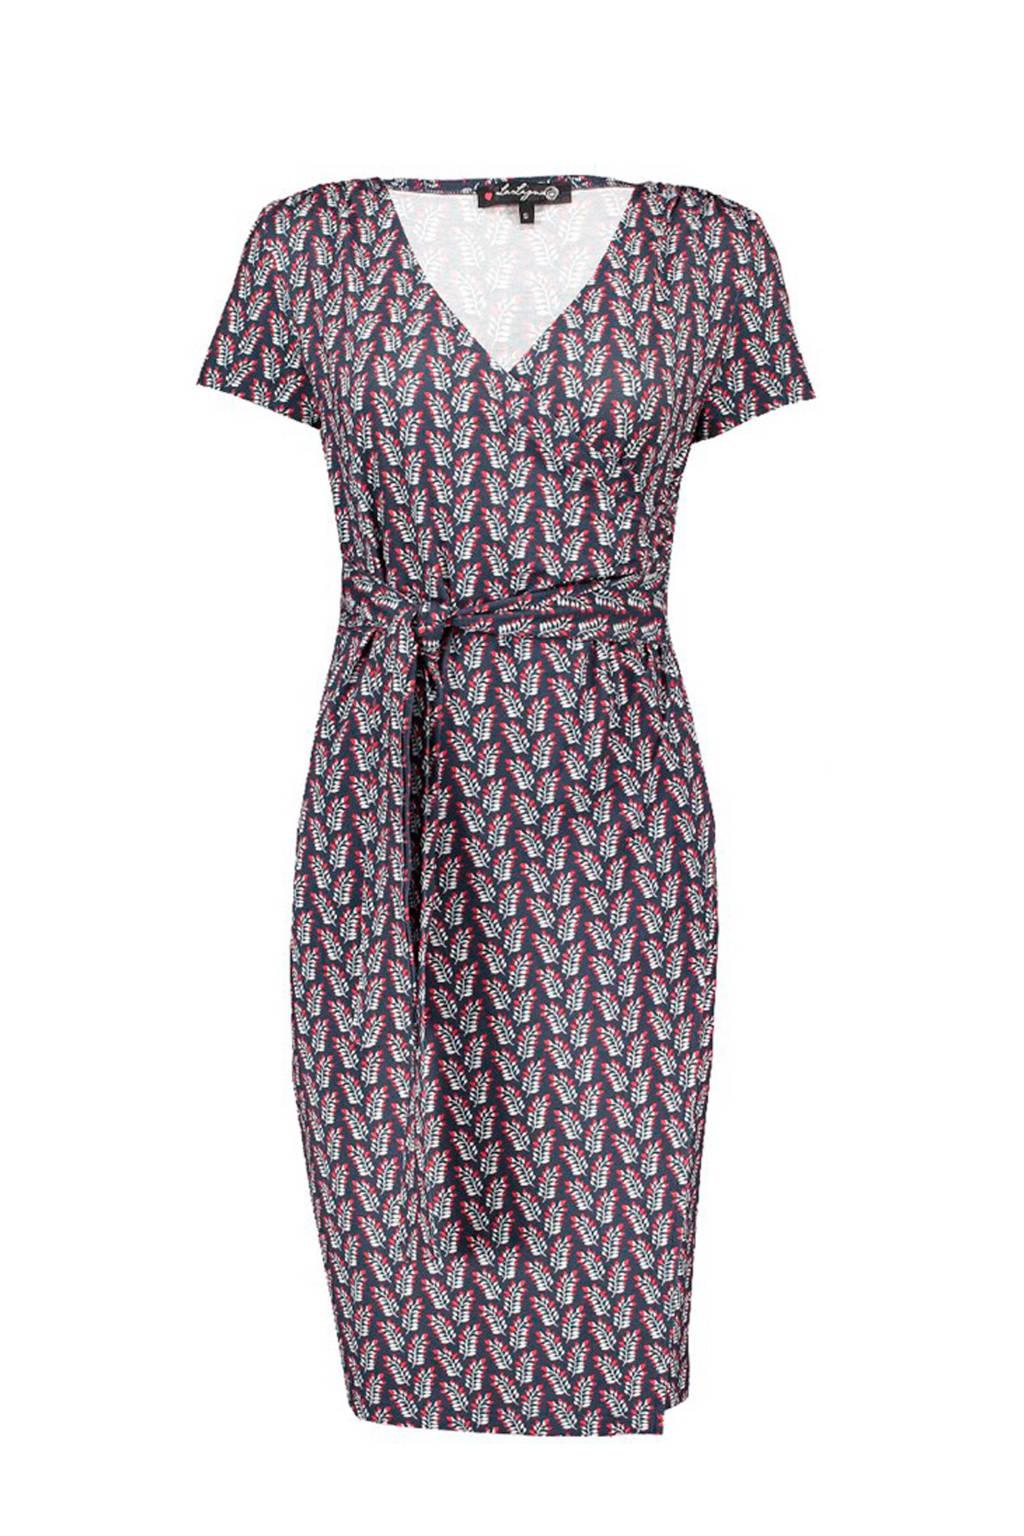 La Ligna overslag jurk, Donkerblauw/rood/wit